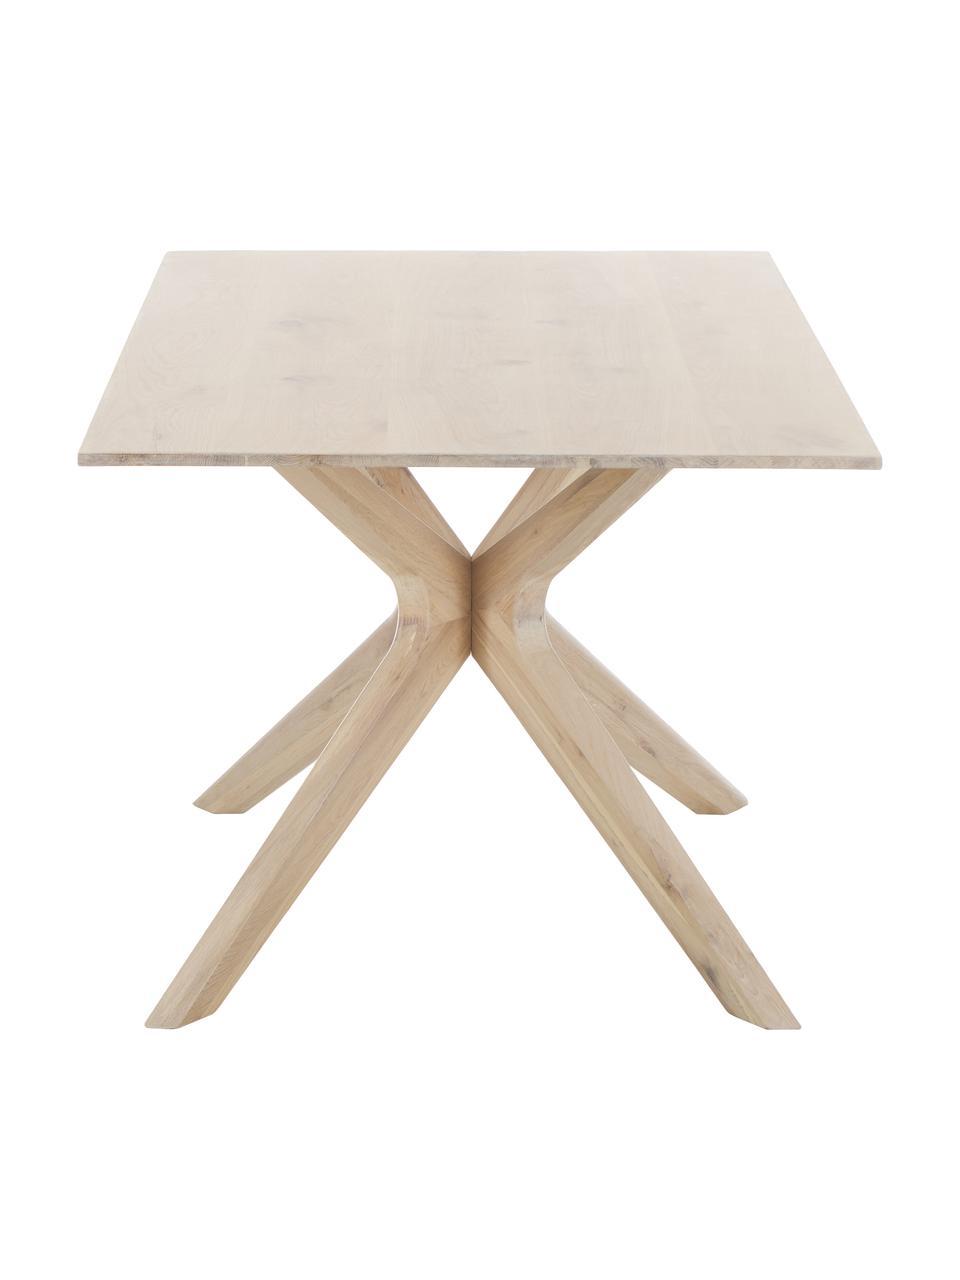 Esstisch Armande aus Eichenholz, Eichenholz, gewachst, weiß lackiert, Eichenholz, B 180 x T 90 cm